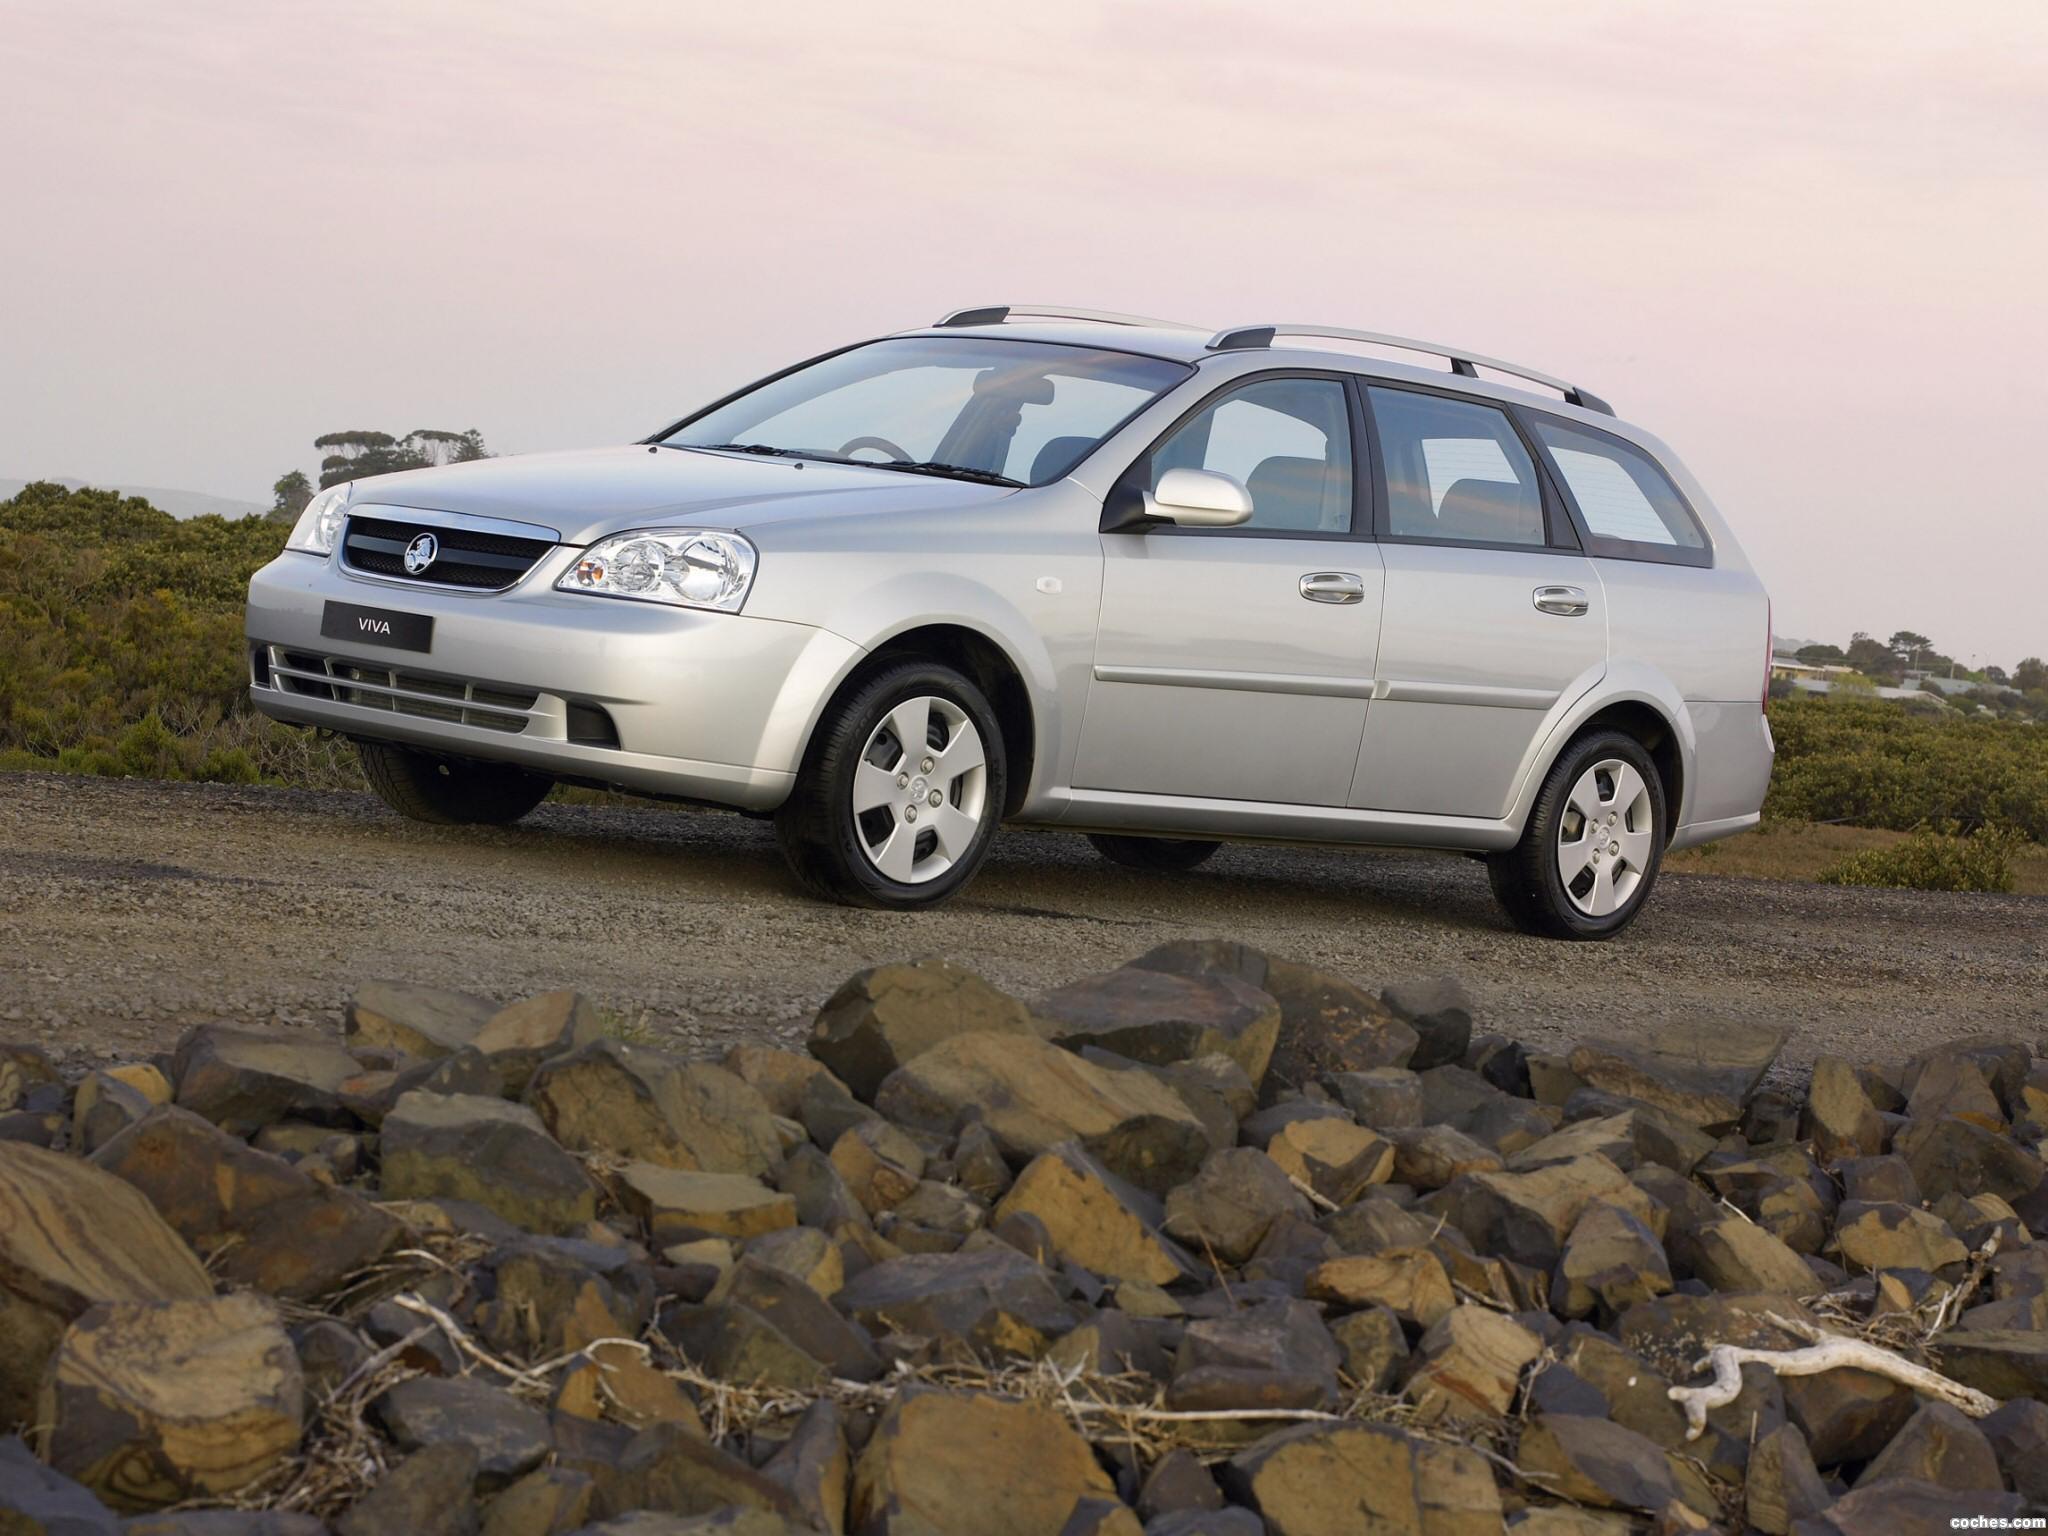 2005 holden jf viva sedan images hd cars wallpaper 2004 holden astra cdxi 5door images hd cars wallpaper 2005 holden jf viva wagon images hd vanachro Choice Image